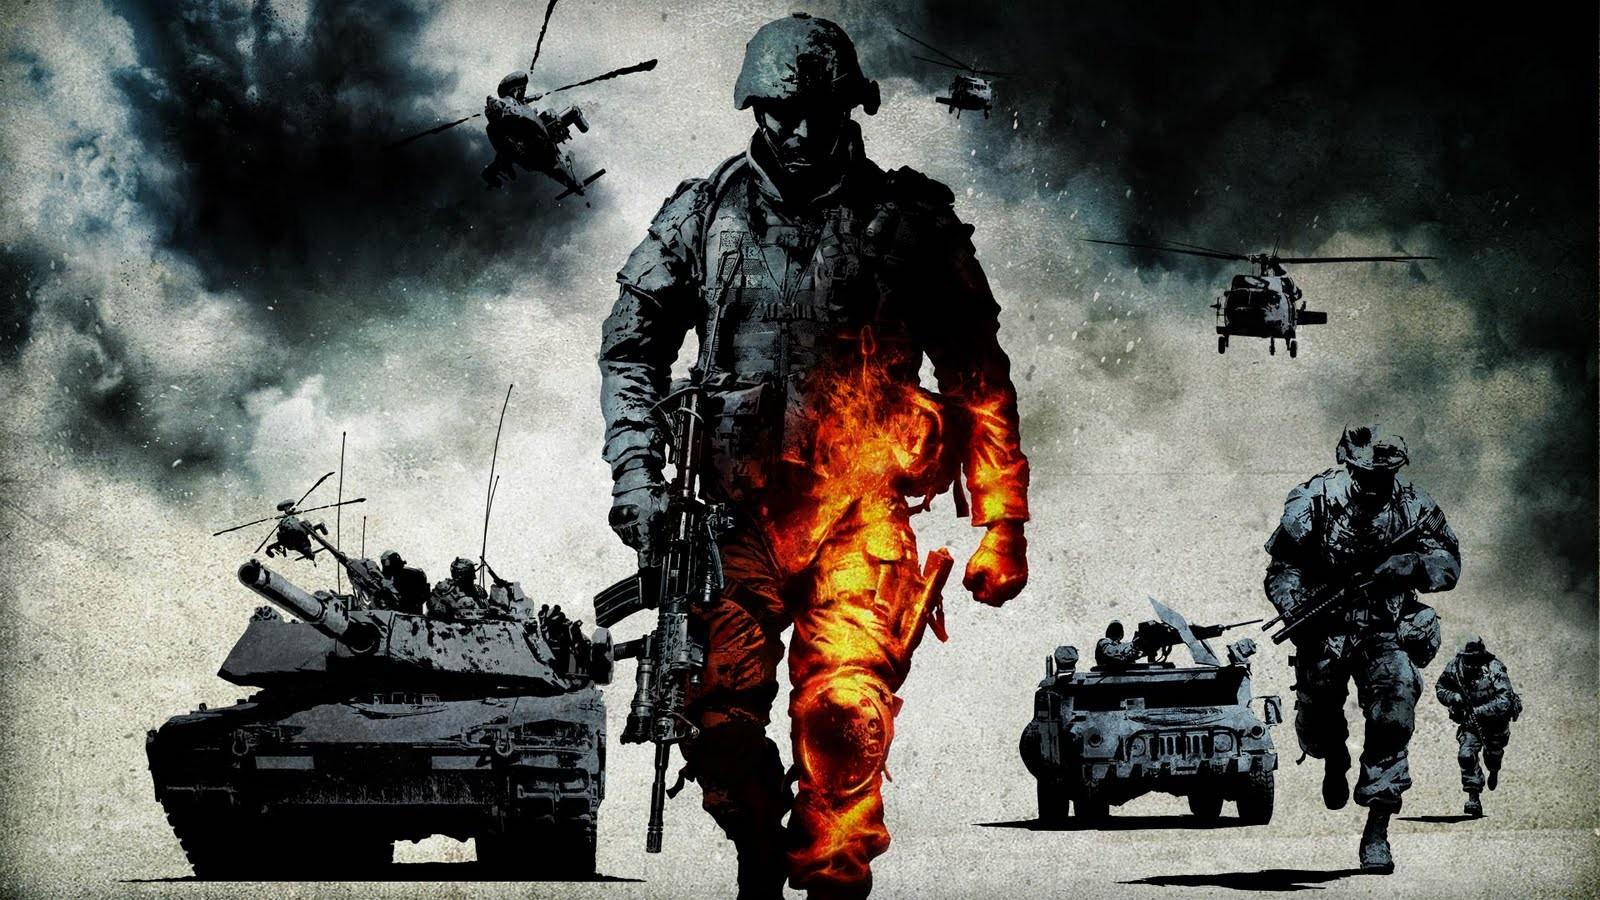 Fondos De Pantalla : Soldado, Militar, Campo De Batalla 3